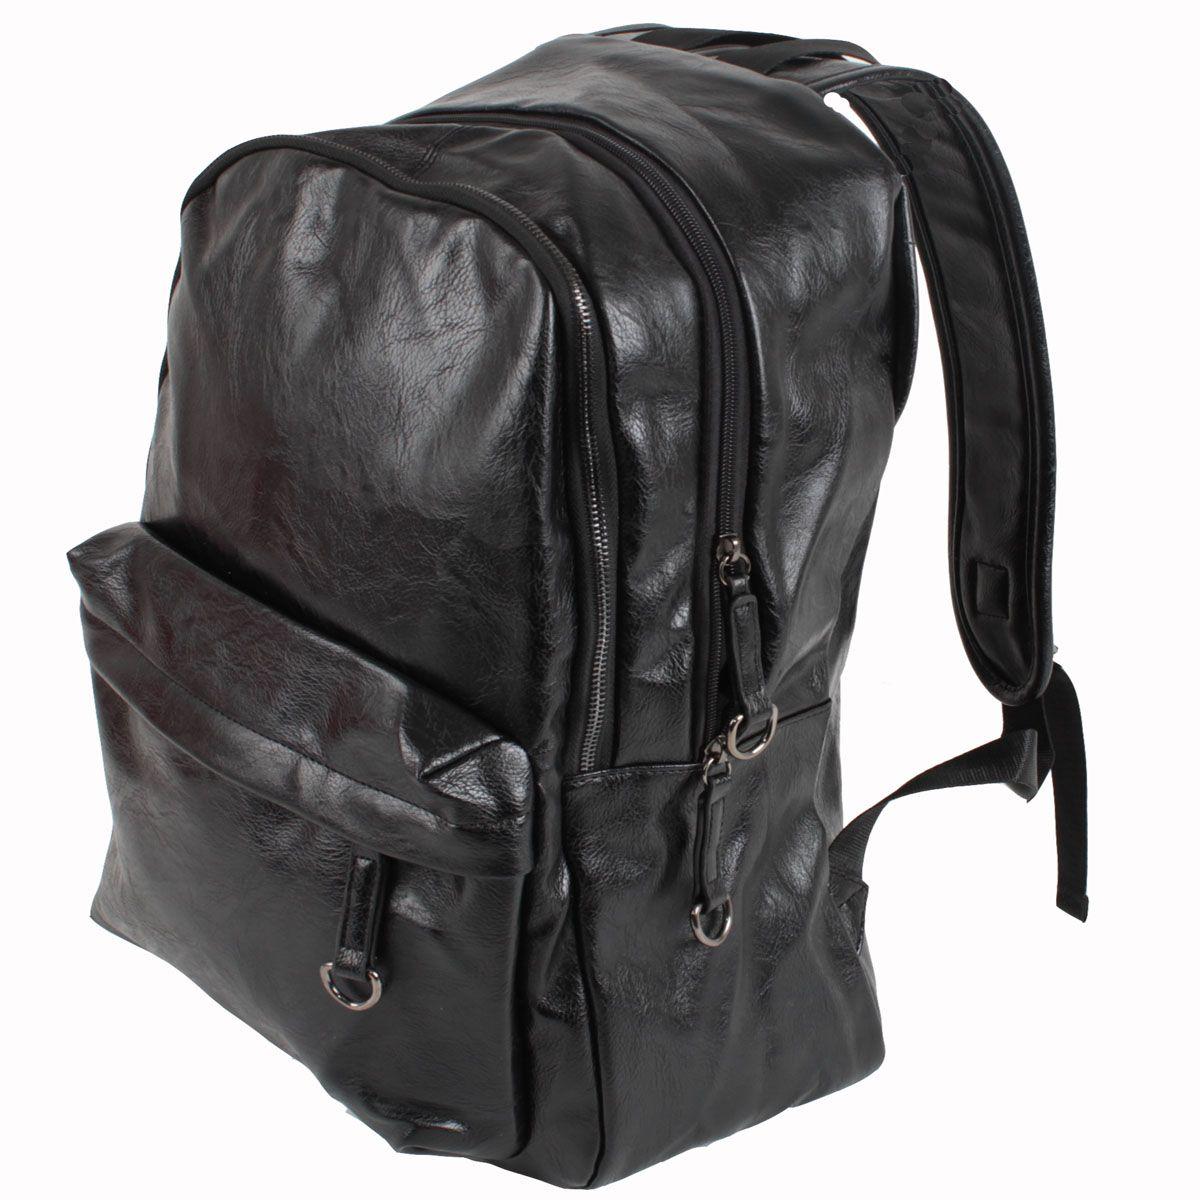 Сумка-рюкзак Flioraj, цвет: черный. 0926 черн 2018 новый кемпинг туризм открытый военный спорт открытый сумка рюкзак сверхлегкий пешие прогулки велоспорт рюкзак